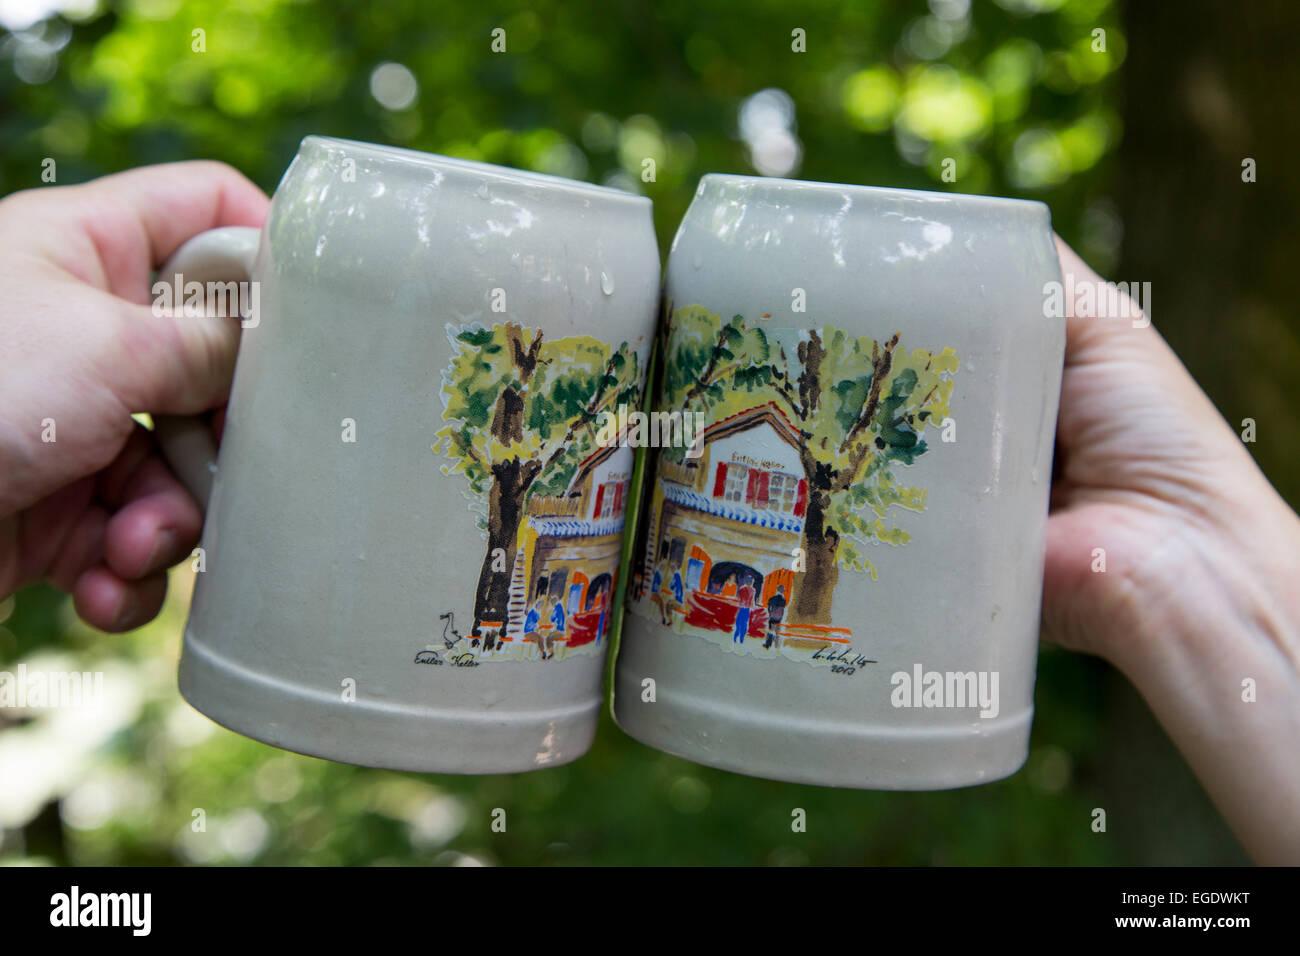 Two beer mugs being clinked together at Entla's Keller beer garden, Erlangen, Franconia, Bavaria, Germany - Stock Image